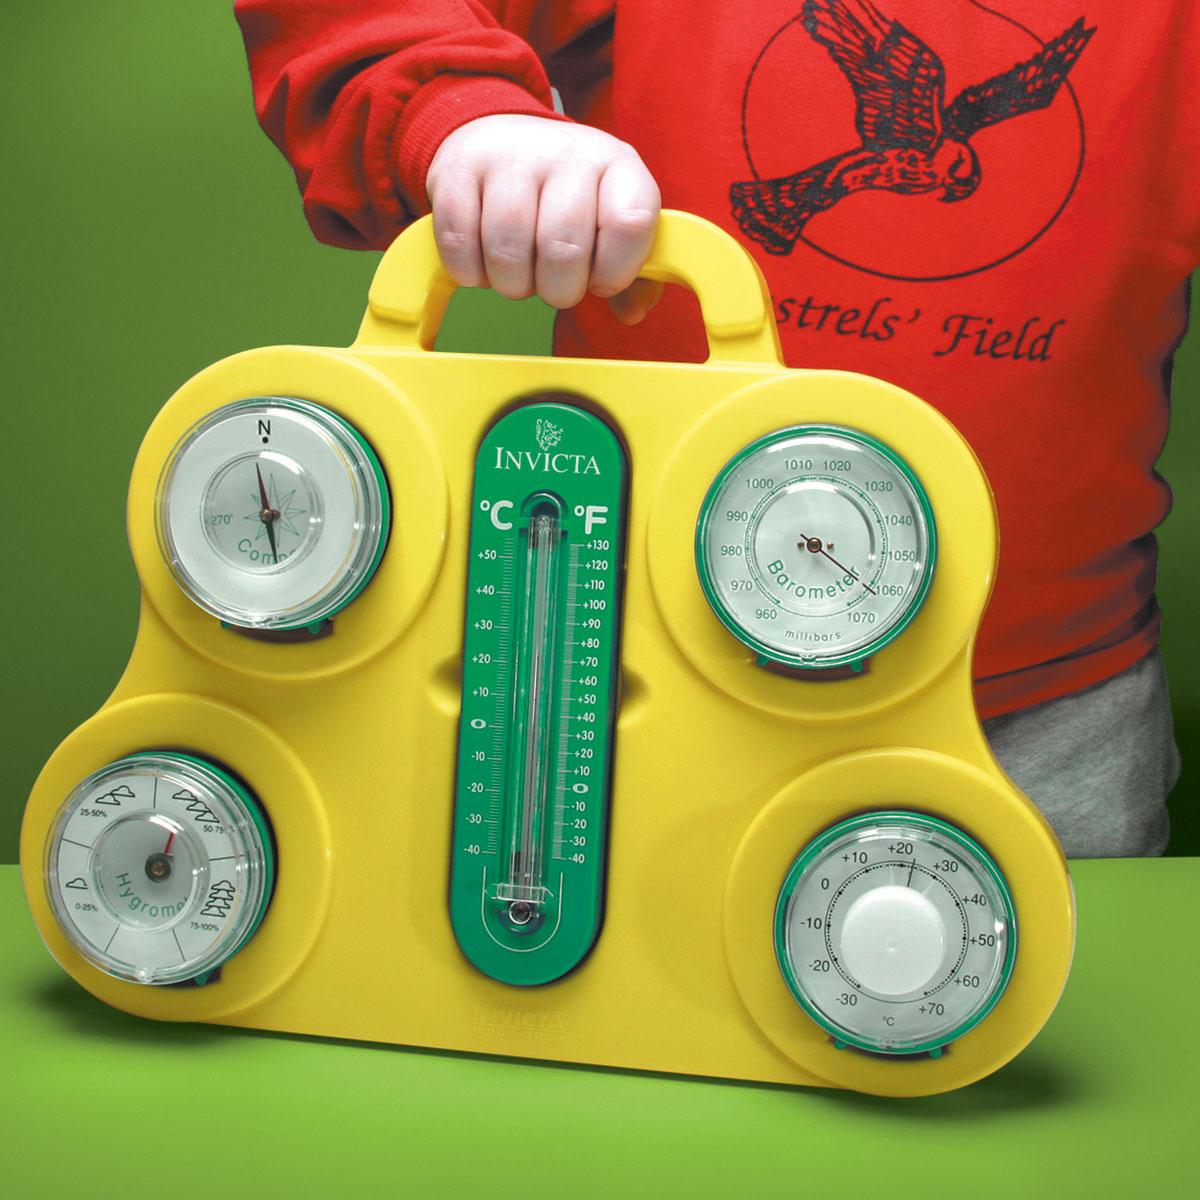 Buy School Invicta Weather Station Ip080259 Primary Ict